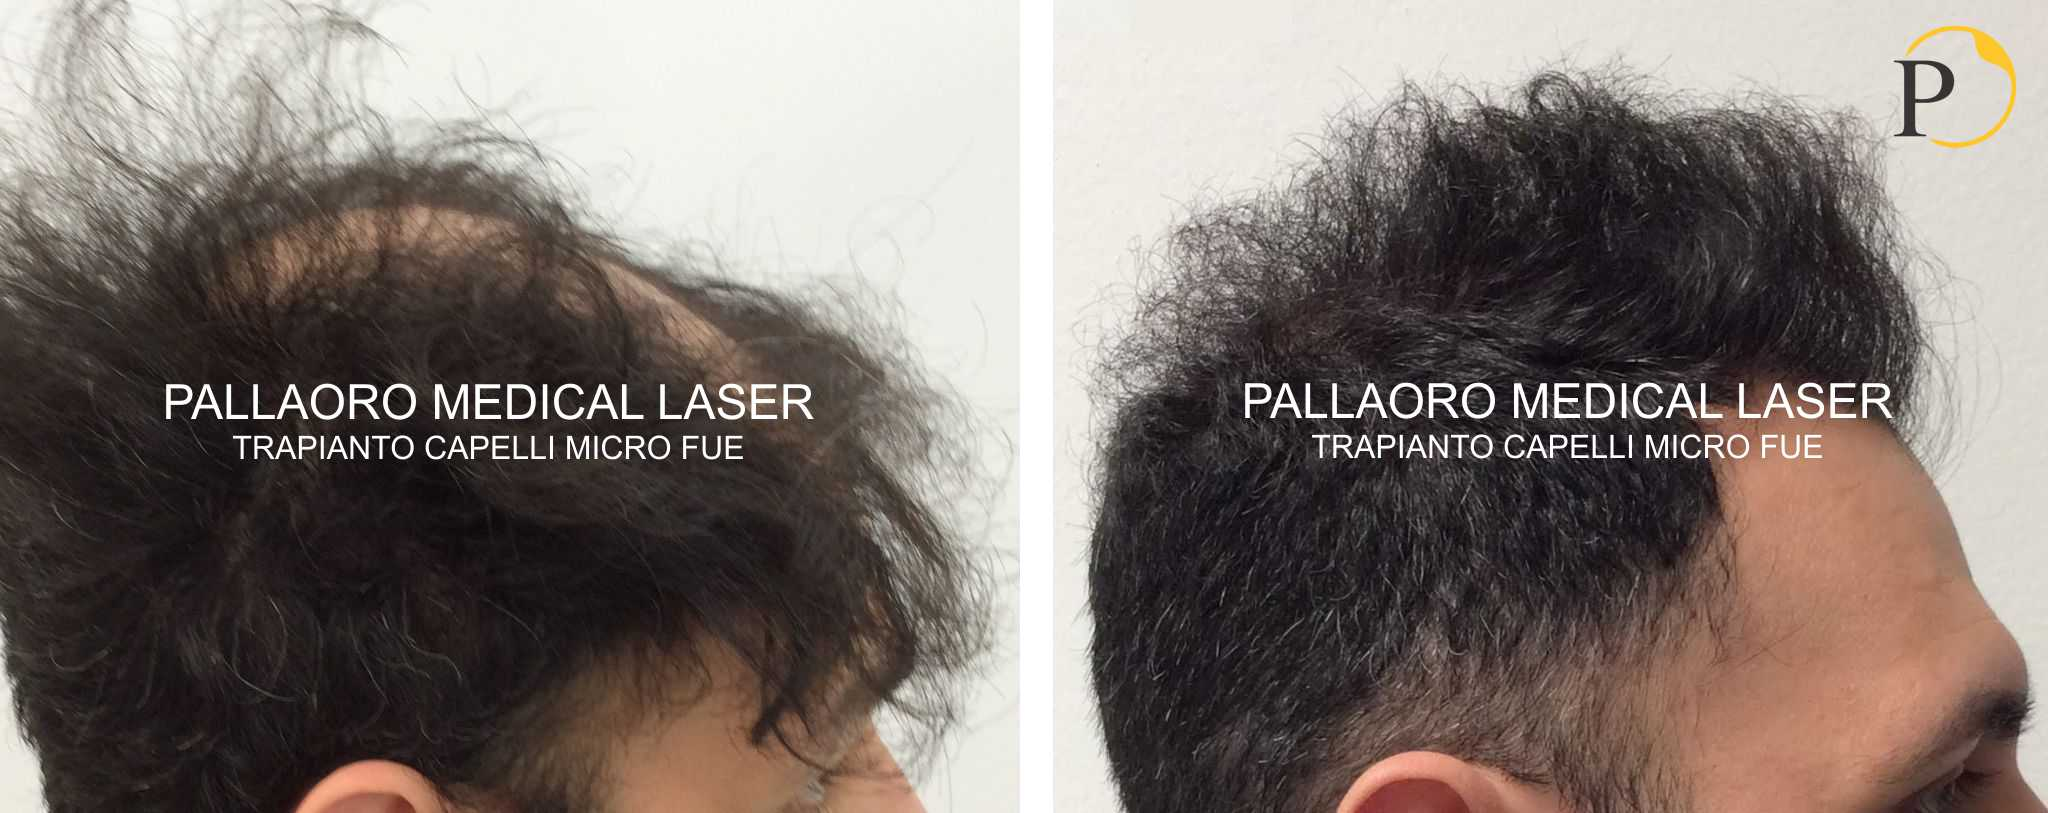 trapianto capelli 19-0103